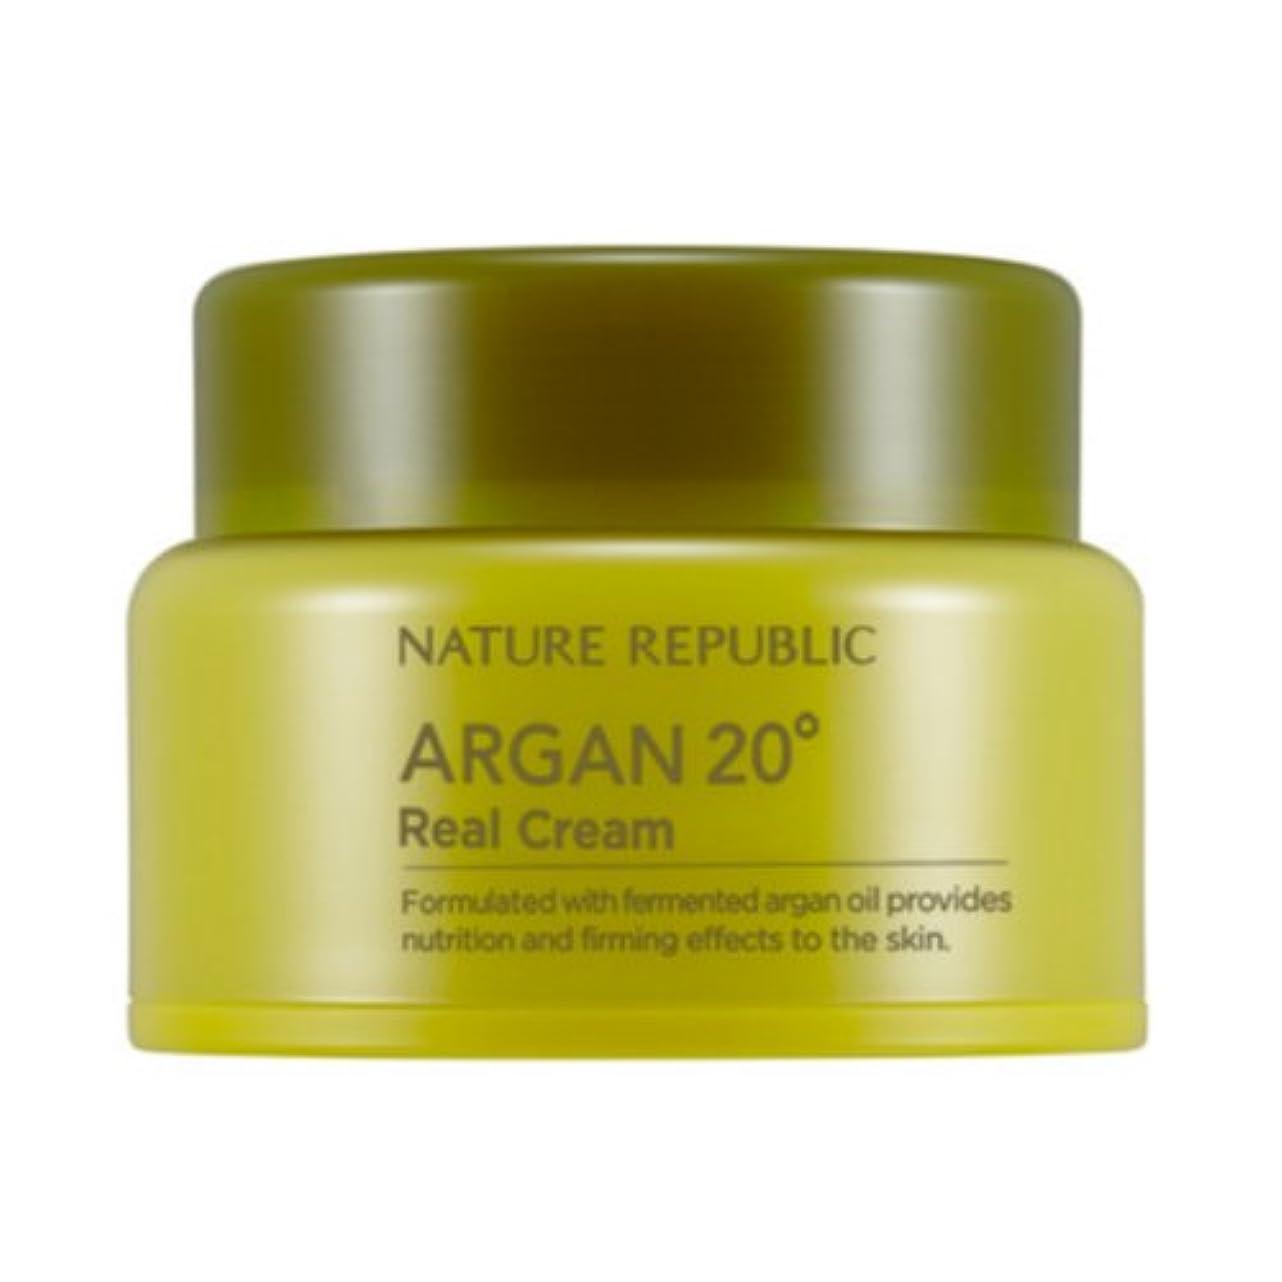 足枷短命キャビン[ネイチャーリパブリック] Nature republicアルガン20ºリアルクリーム海外直送品(Argan20ºReal Cream) [並行輸入品]